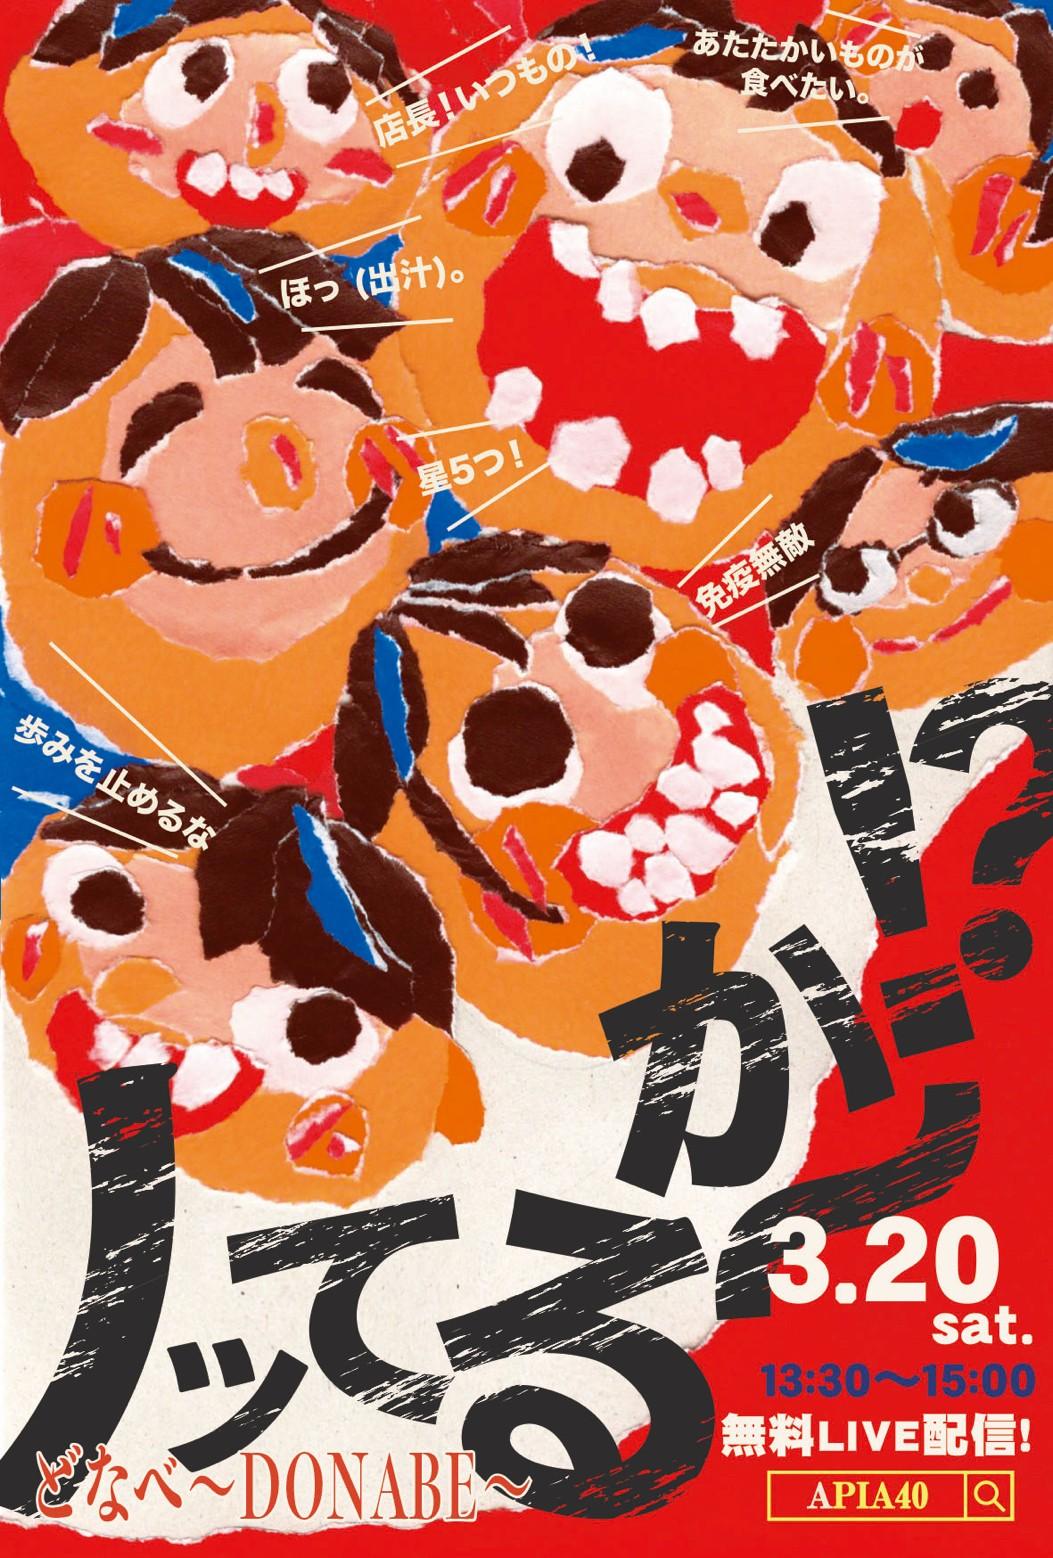 どなべ~DONABE~演奏会ノッてるか〜!?